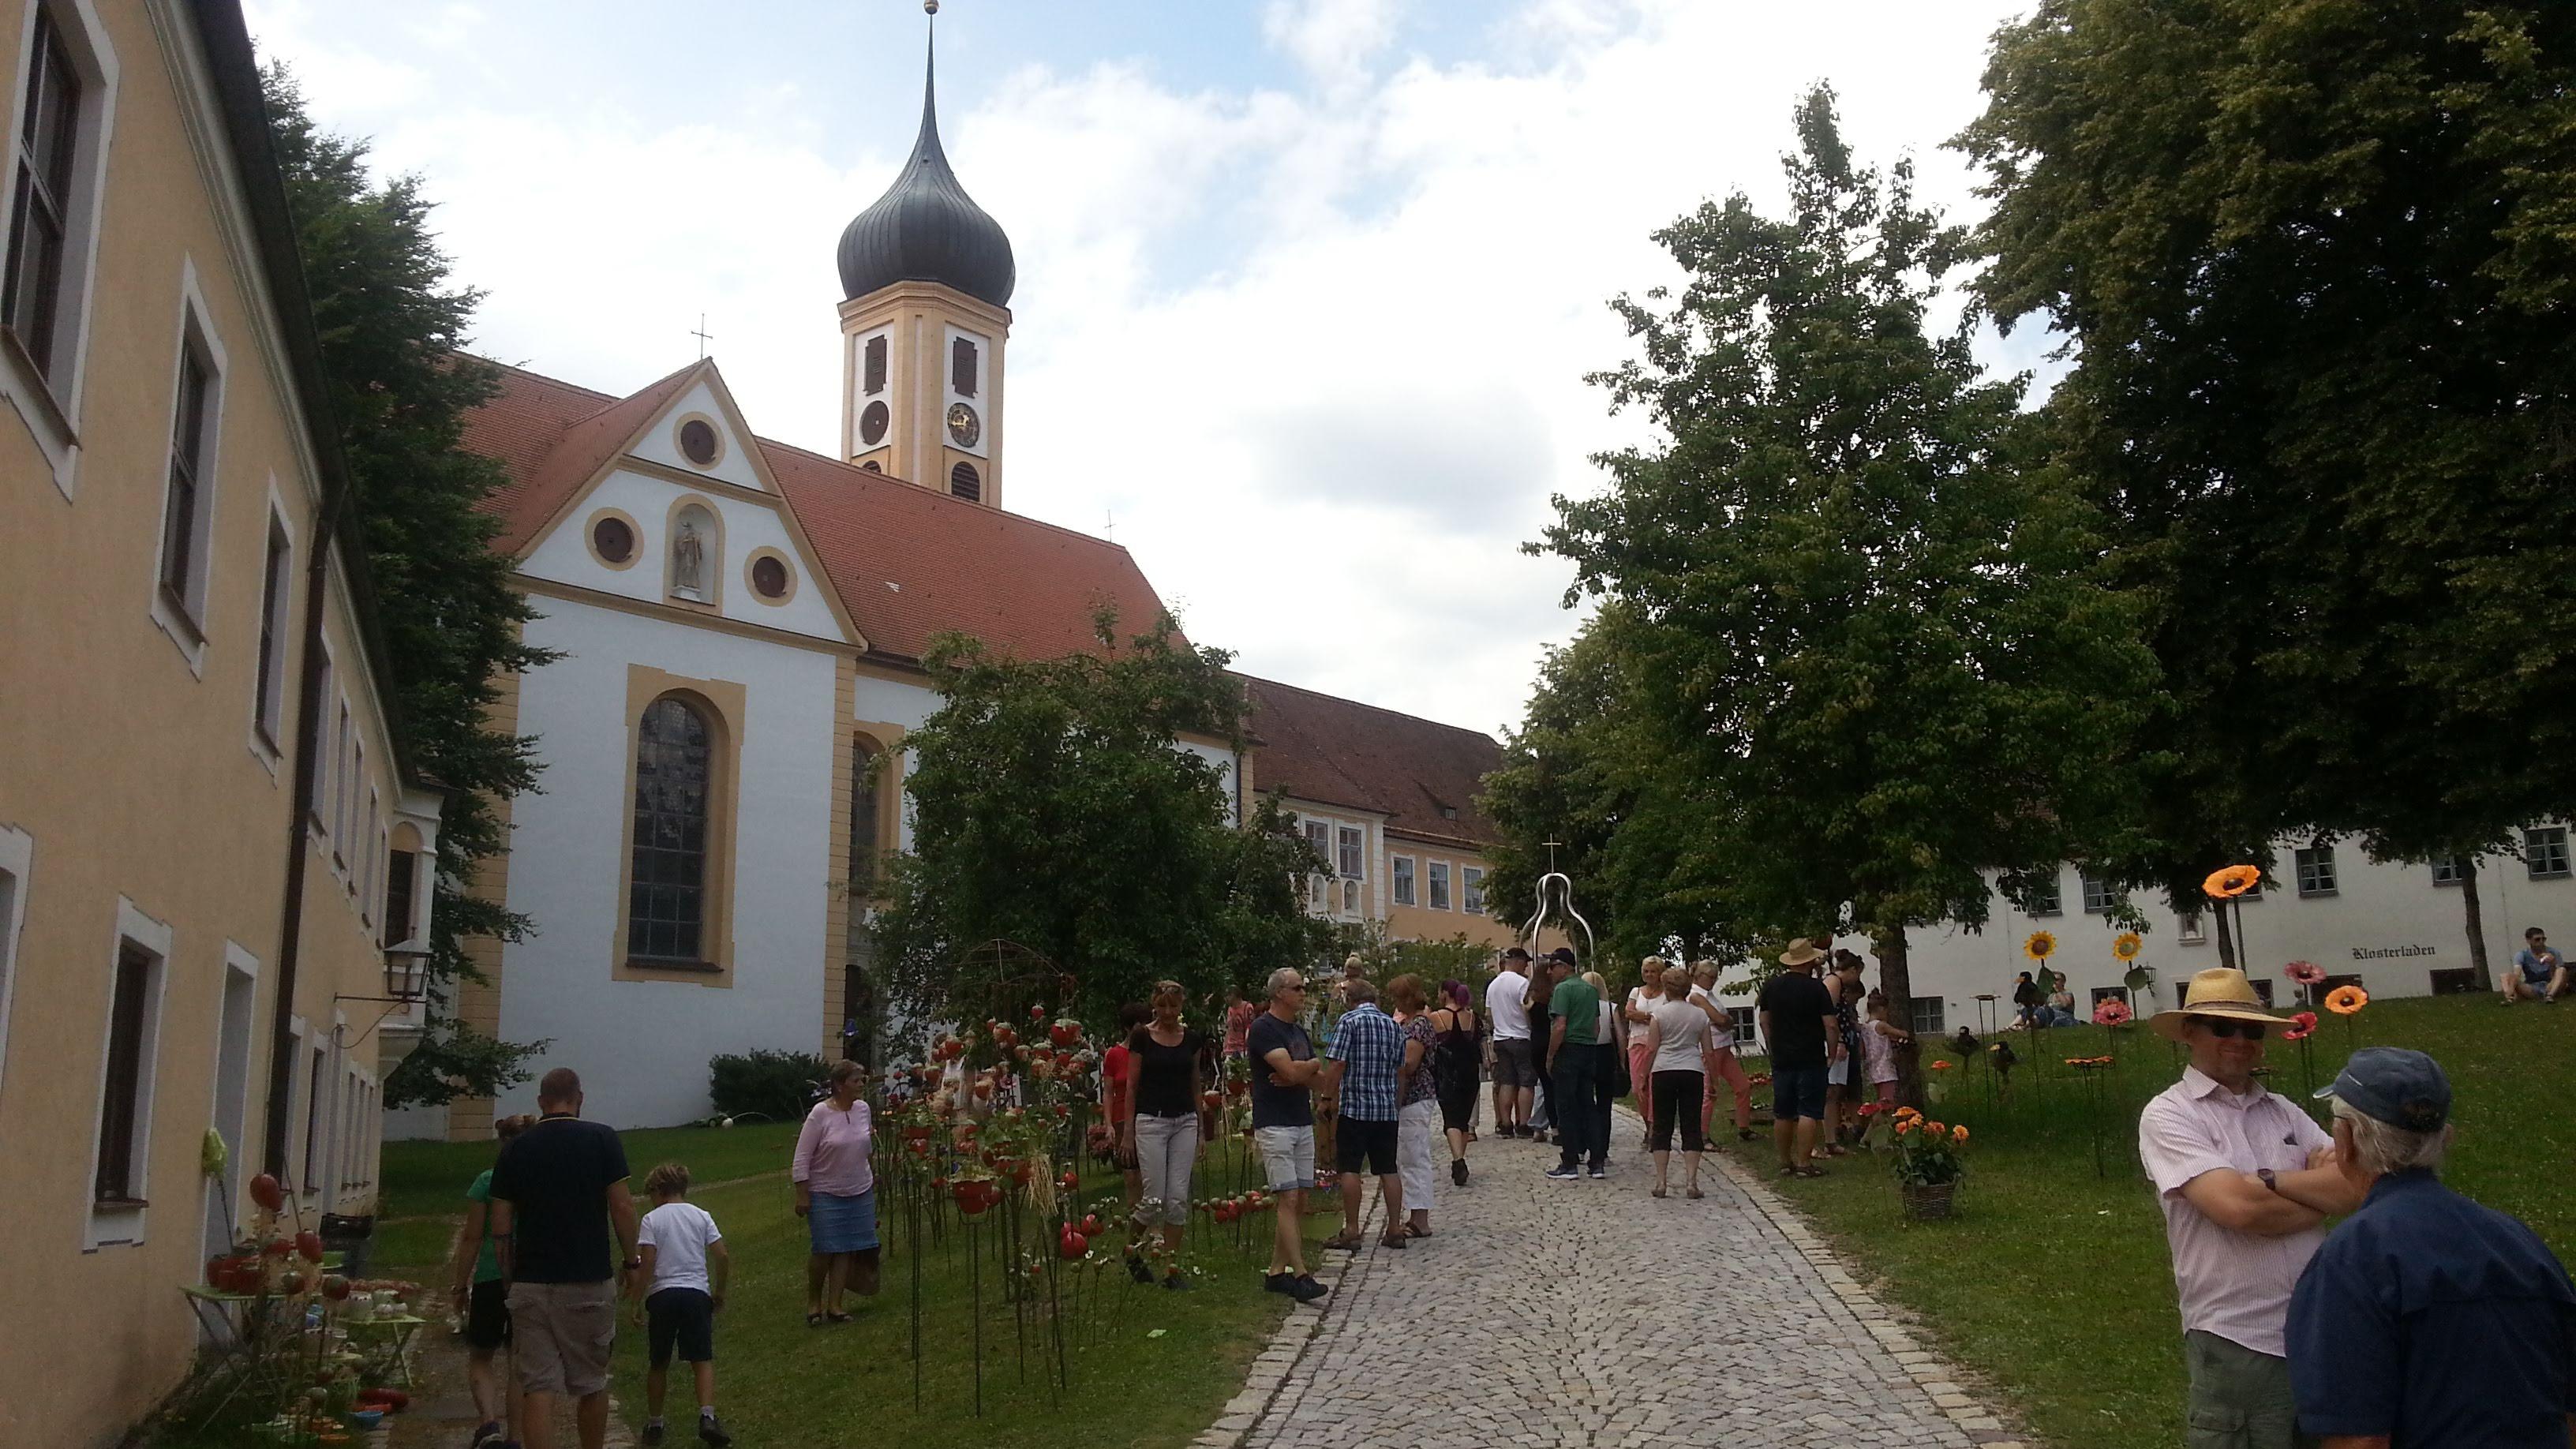 Töpfermarkt in Oberschönefeld